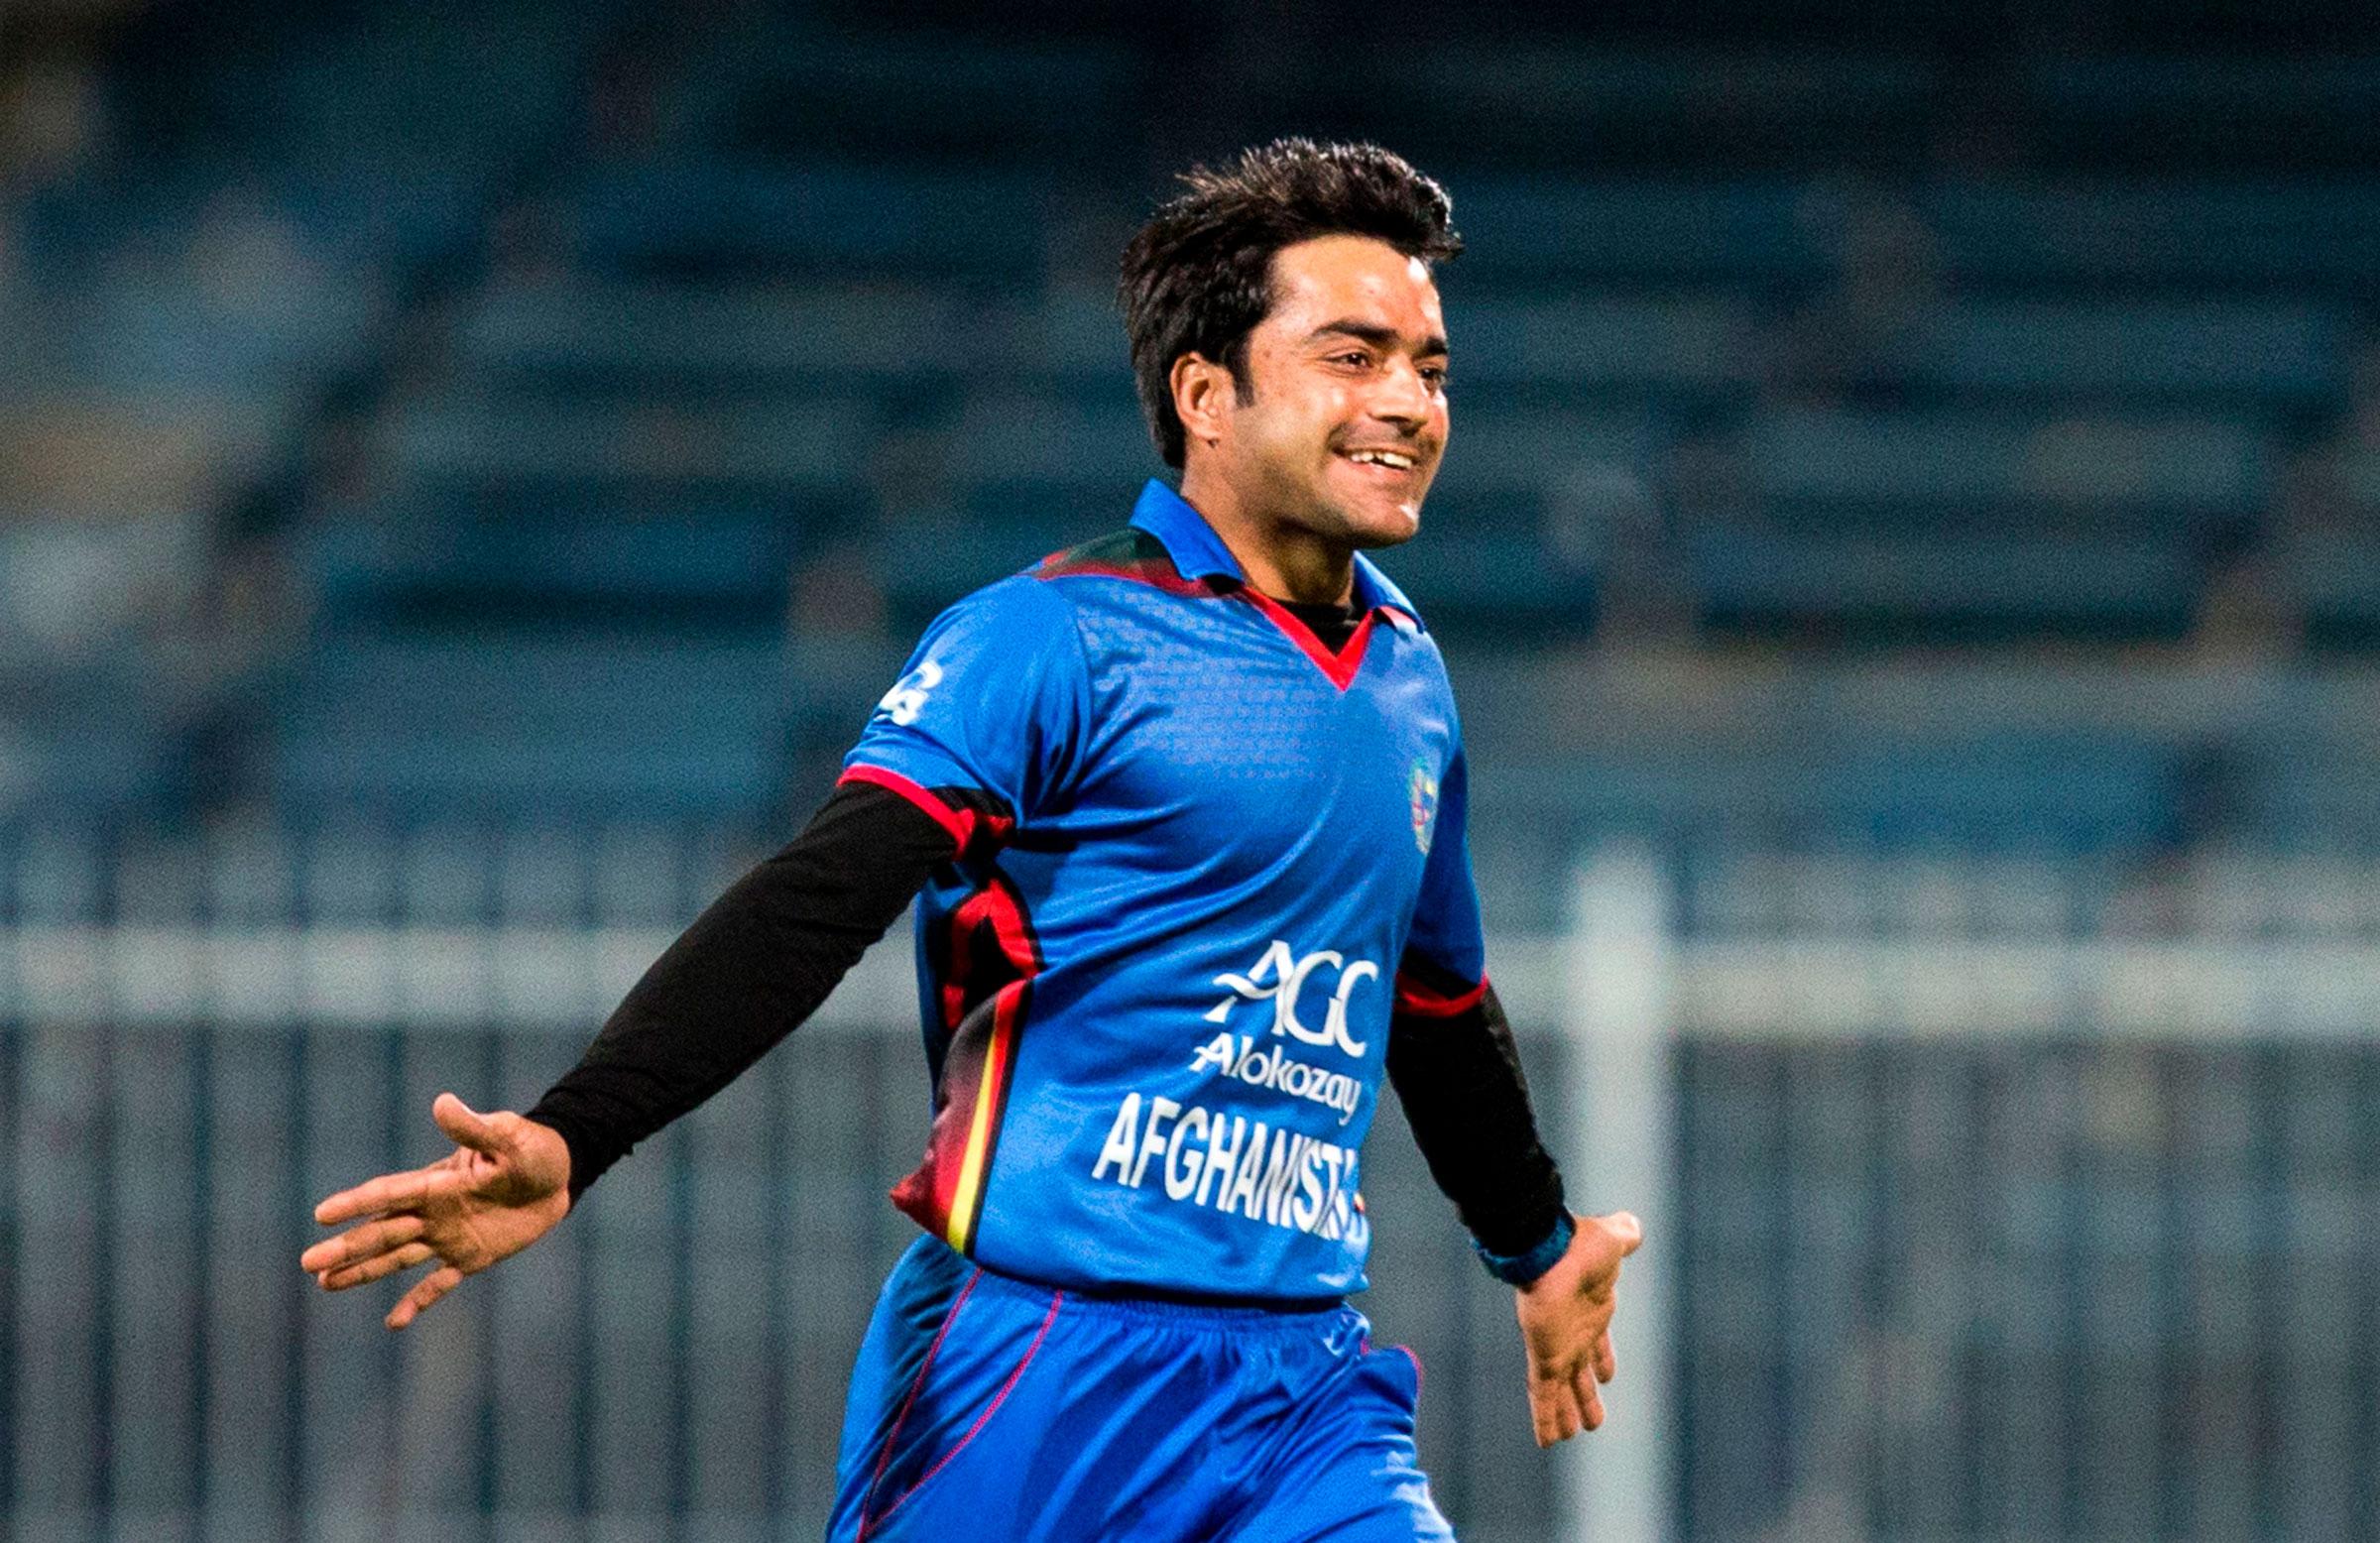 Rashid Khan celebrates a wicket for Afghanistan. (Image: cricket.com.au)